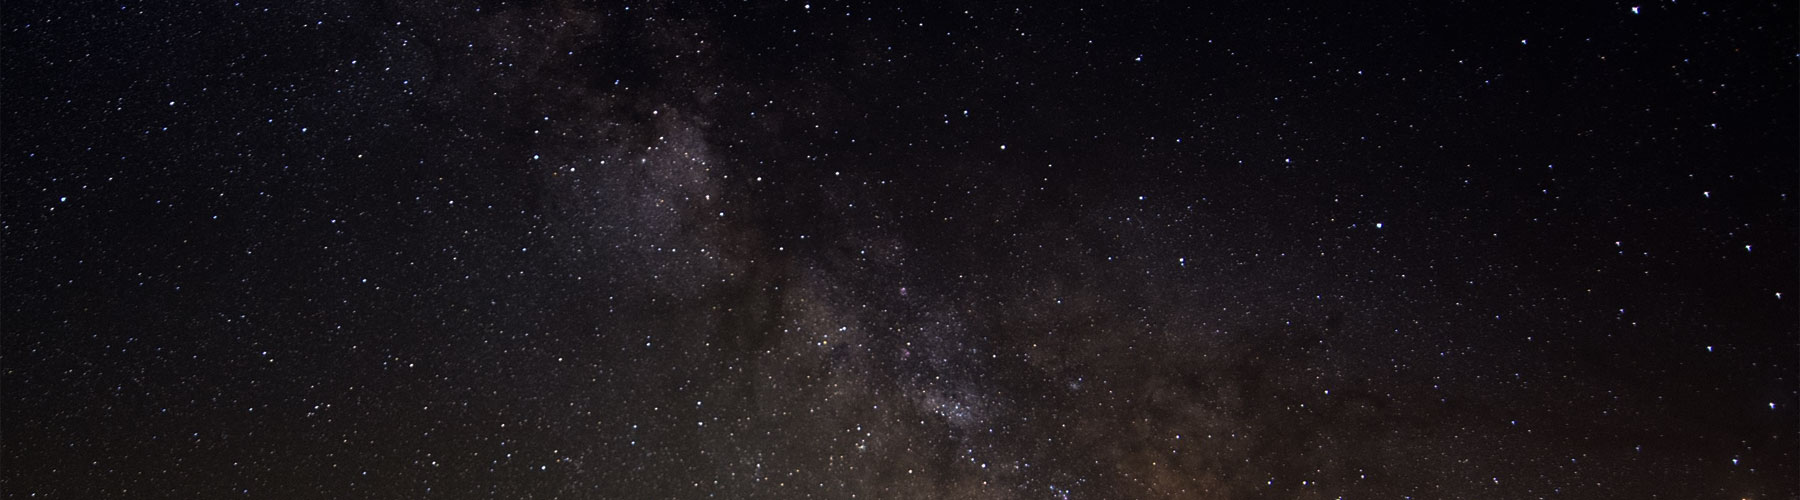 stars5_bkg